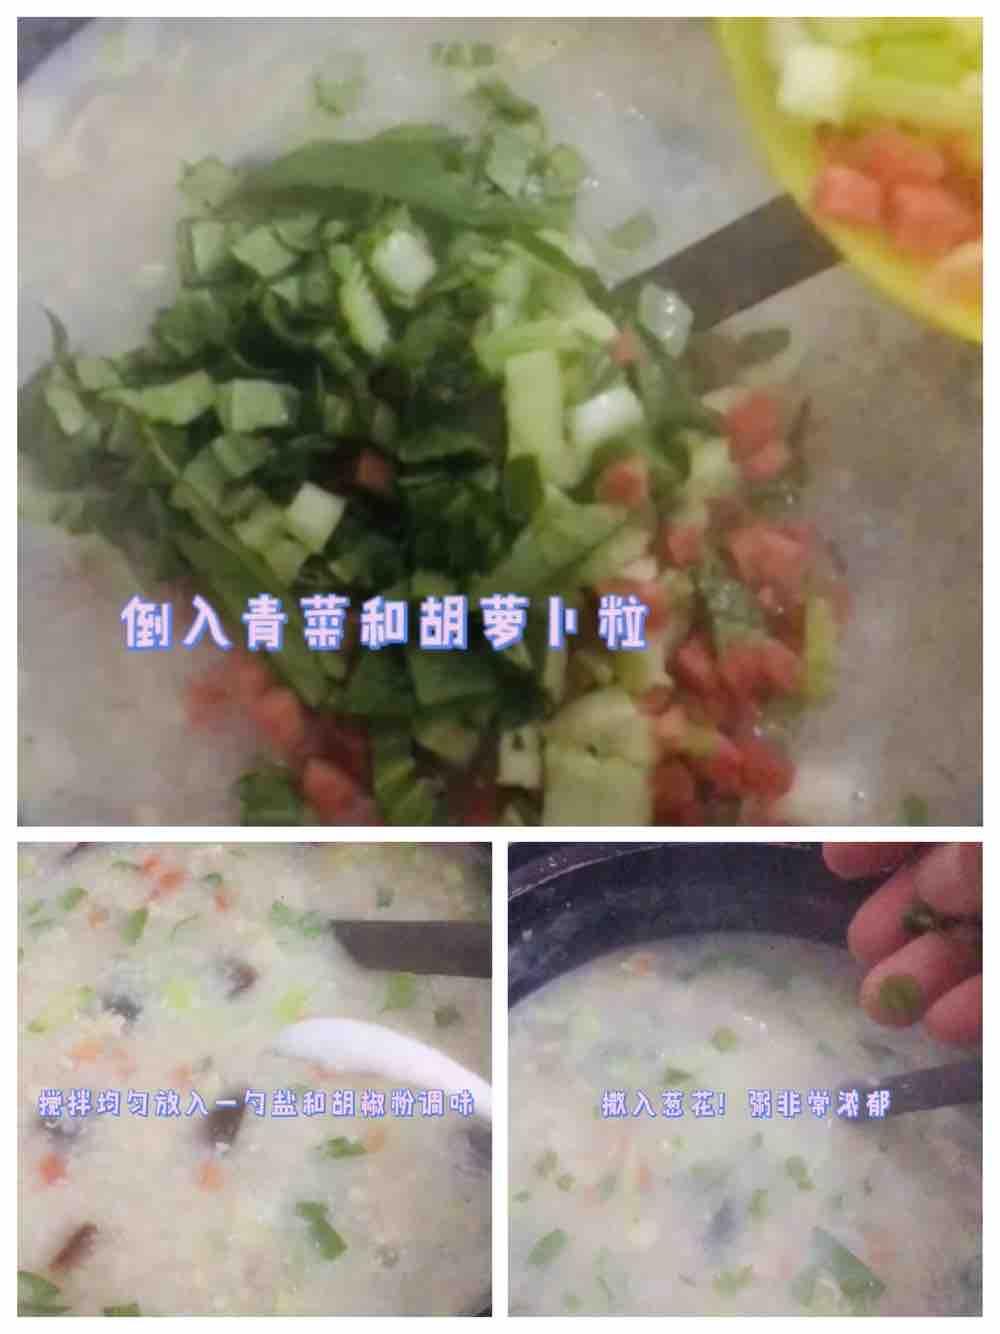 咸鲜适口!营养丰富!皮蛋瘦肉粥的简单做法